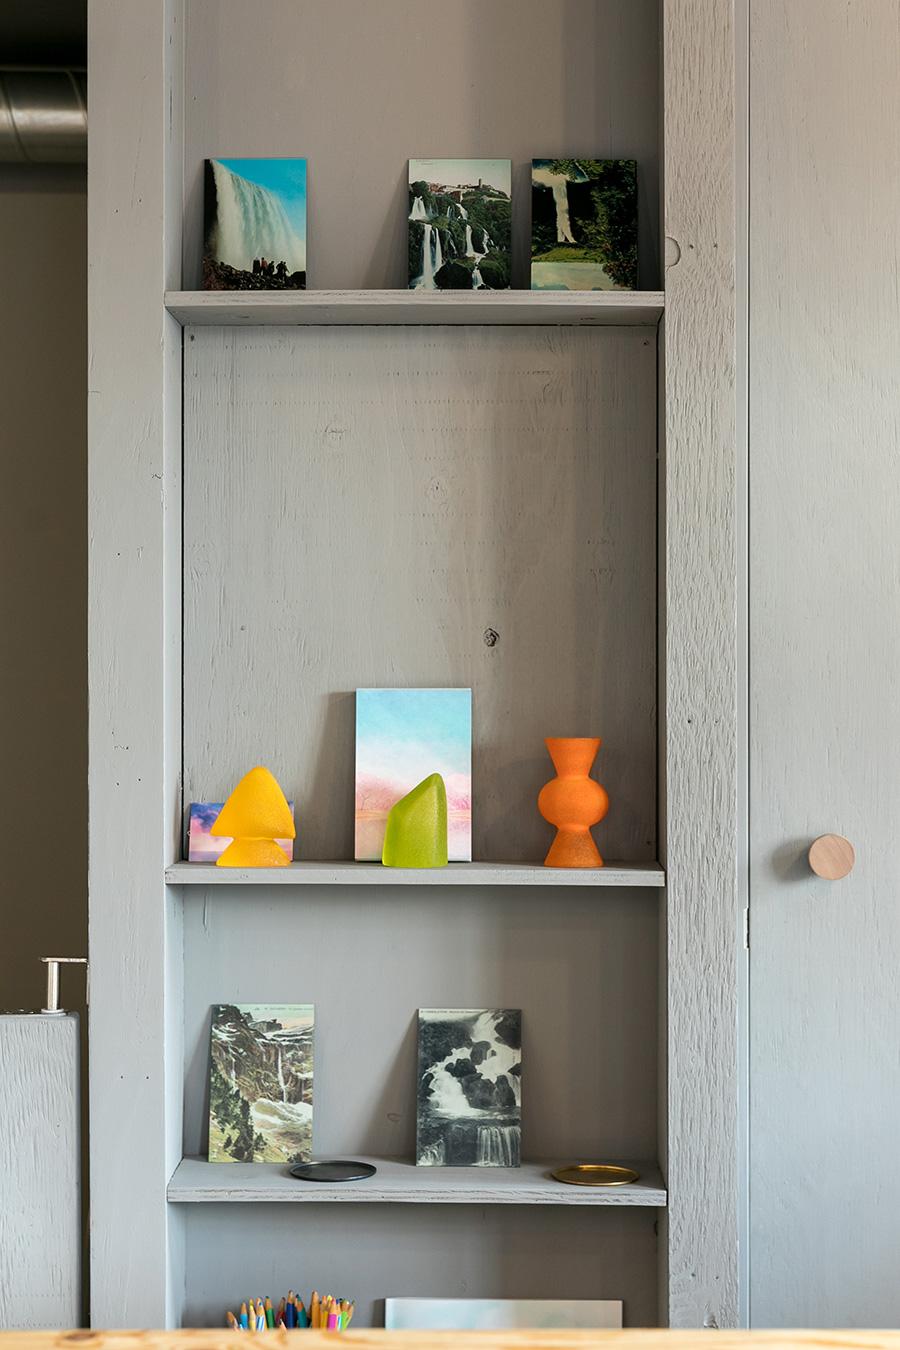 棚にはガラス作家の高橋漠さんの作品が飾られている。